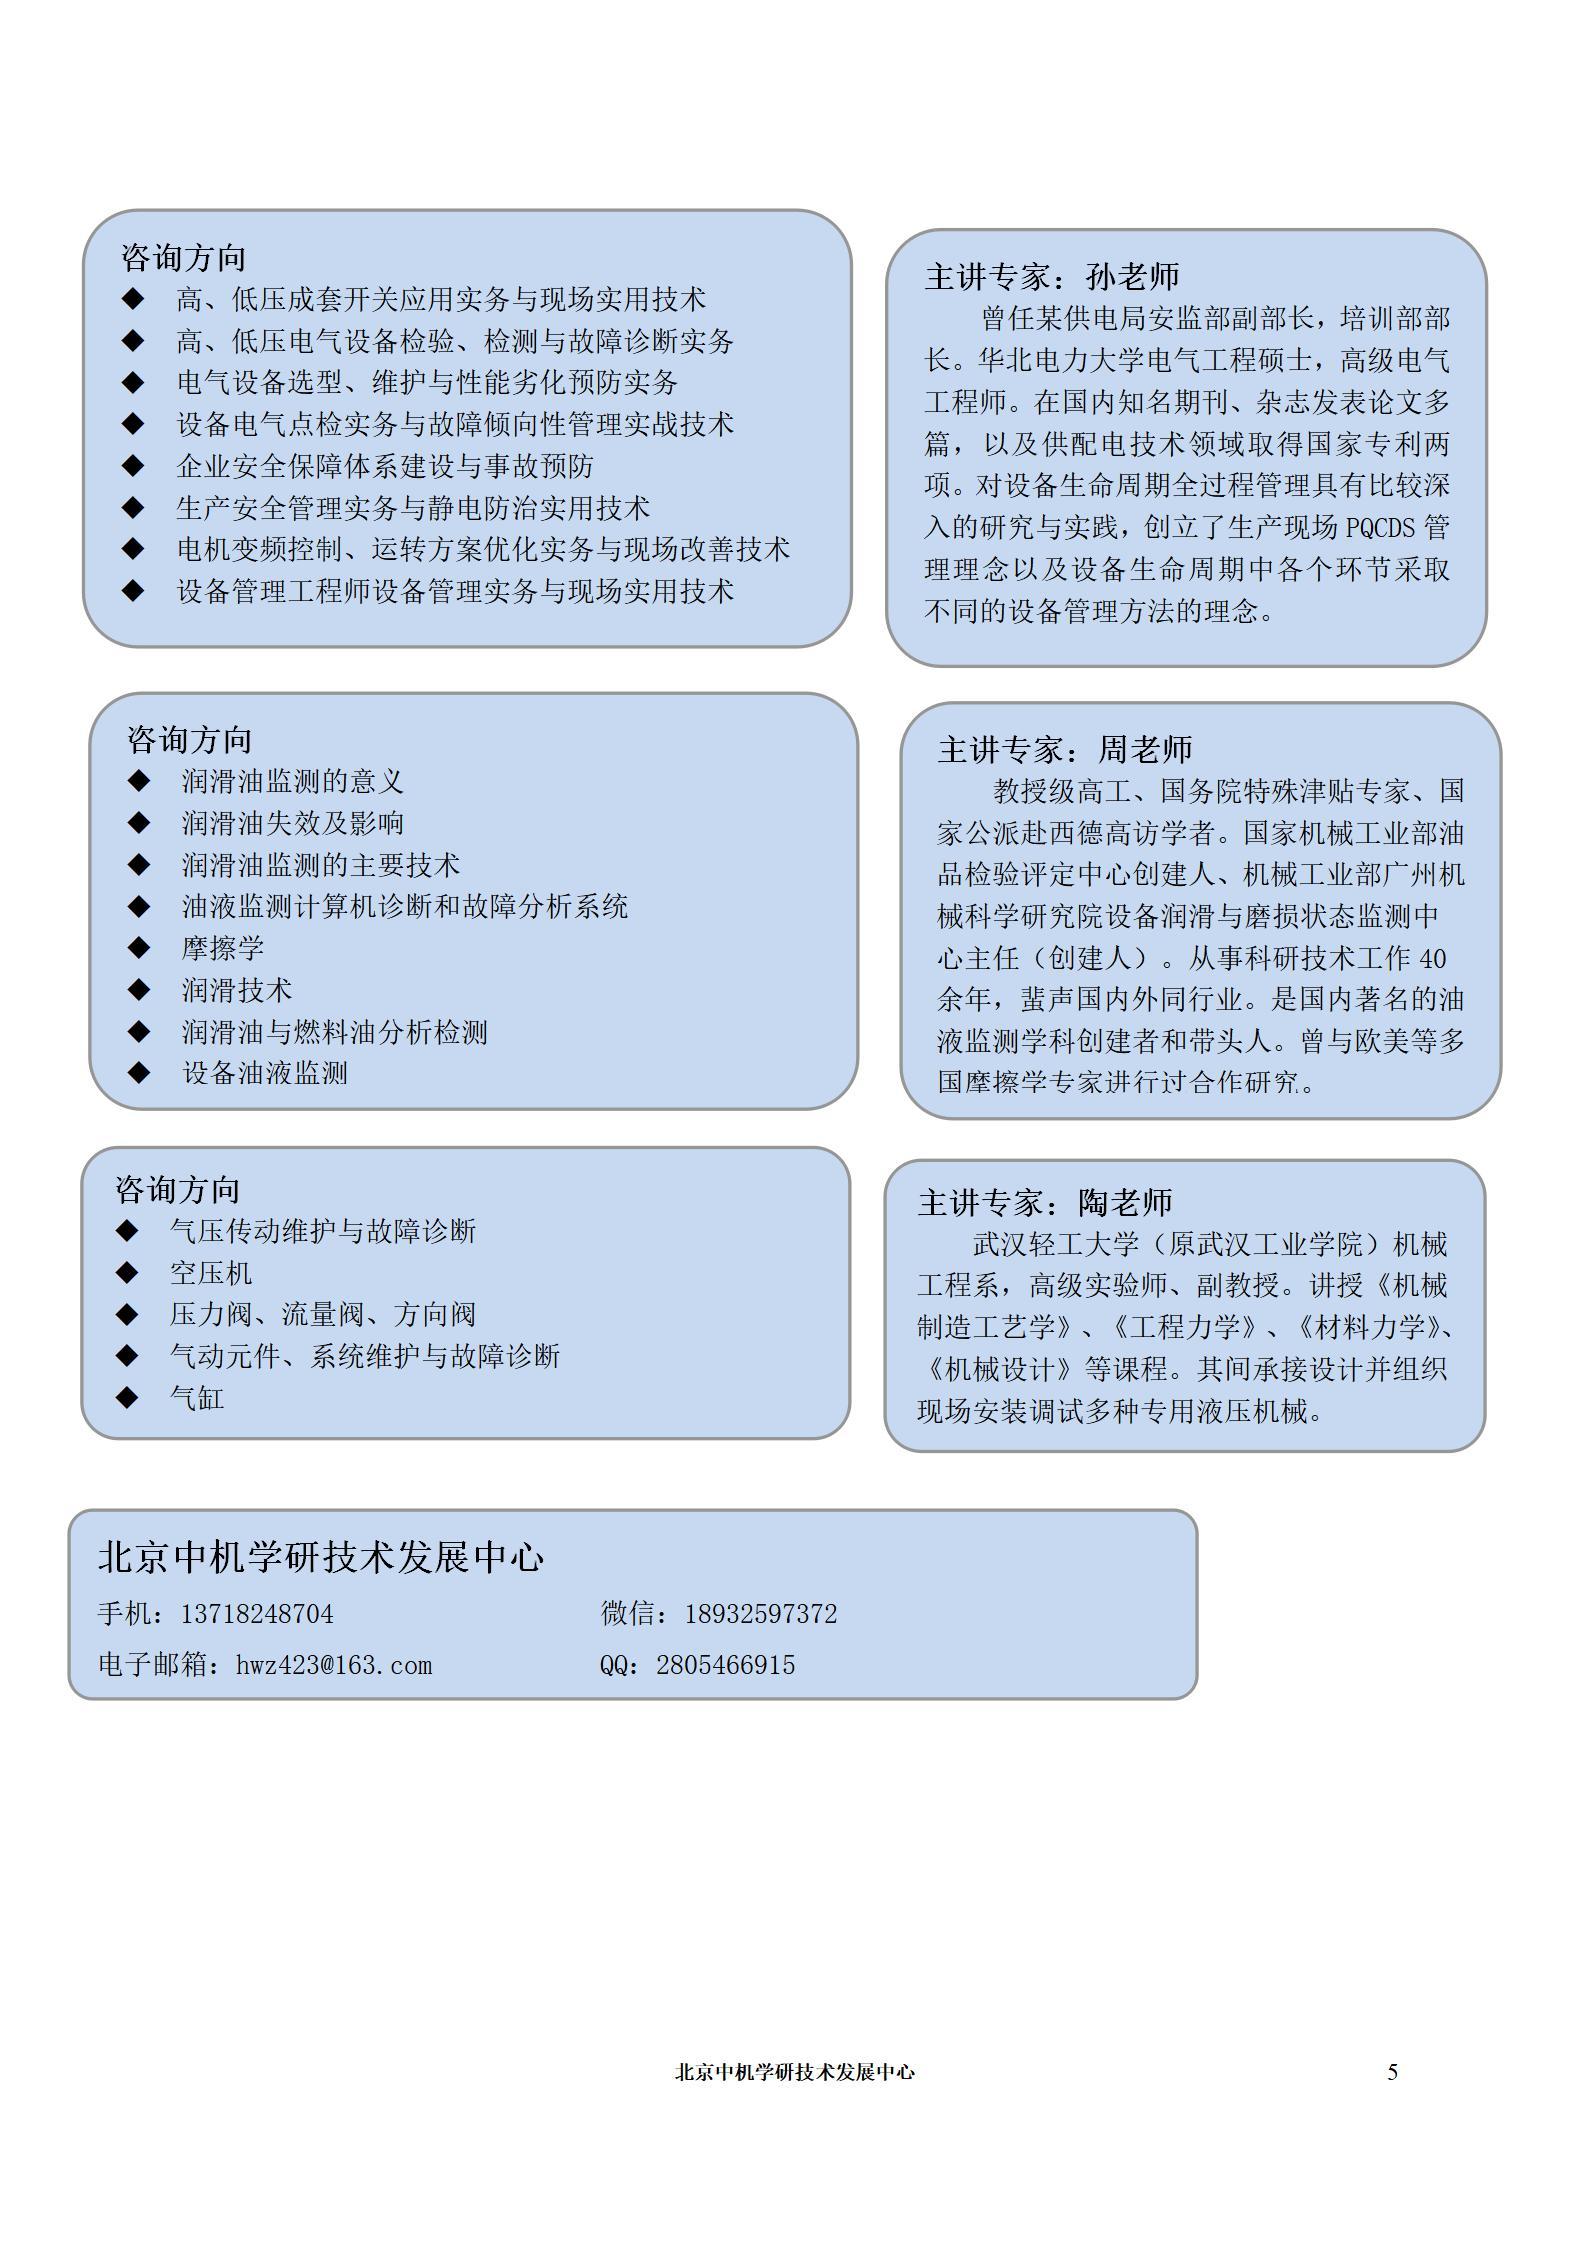 企业管理专家及培训课程推荐 (2)(1)_05.jpg